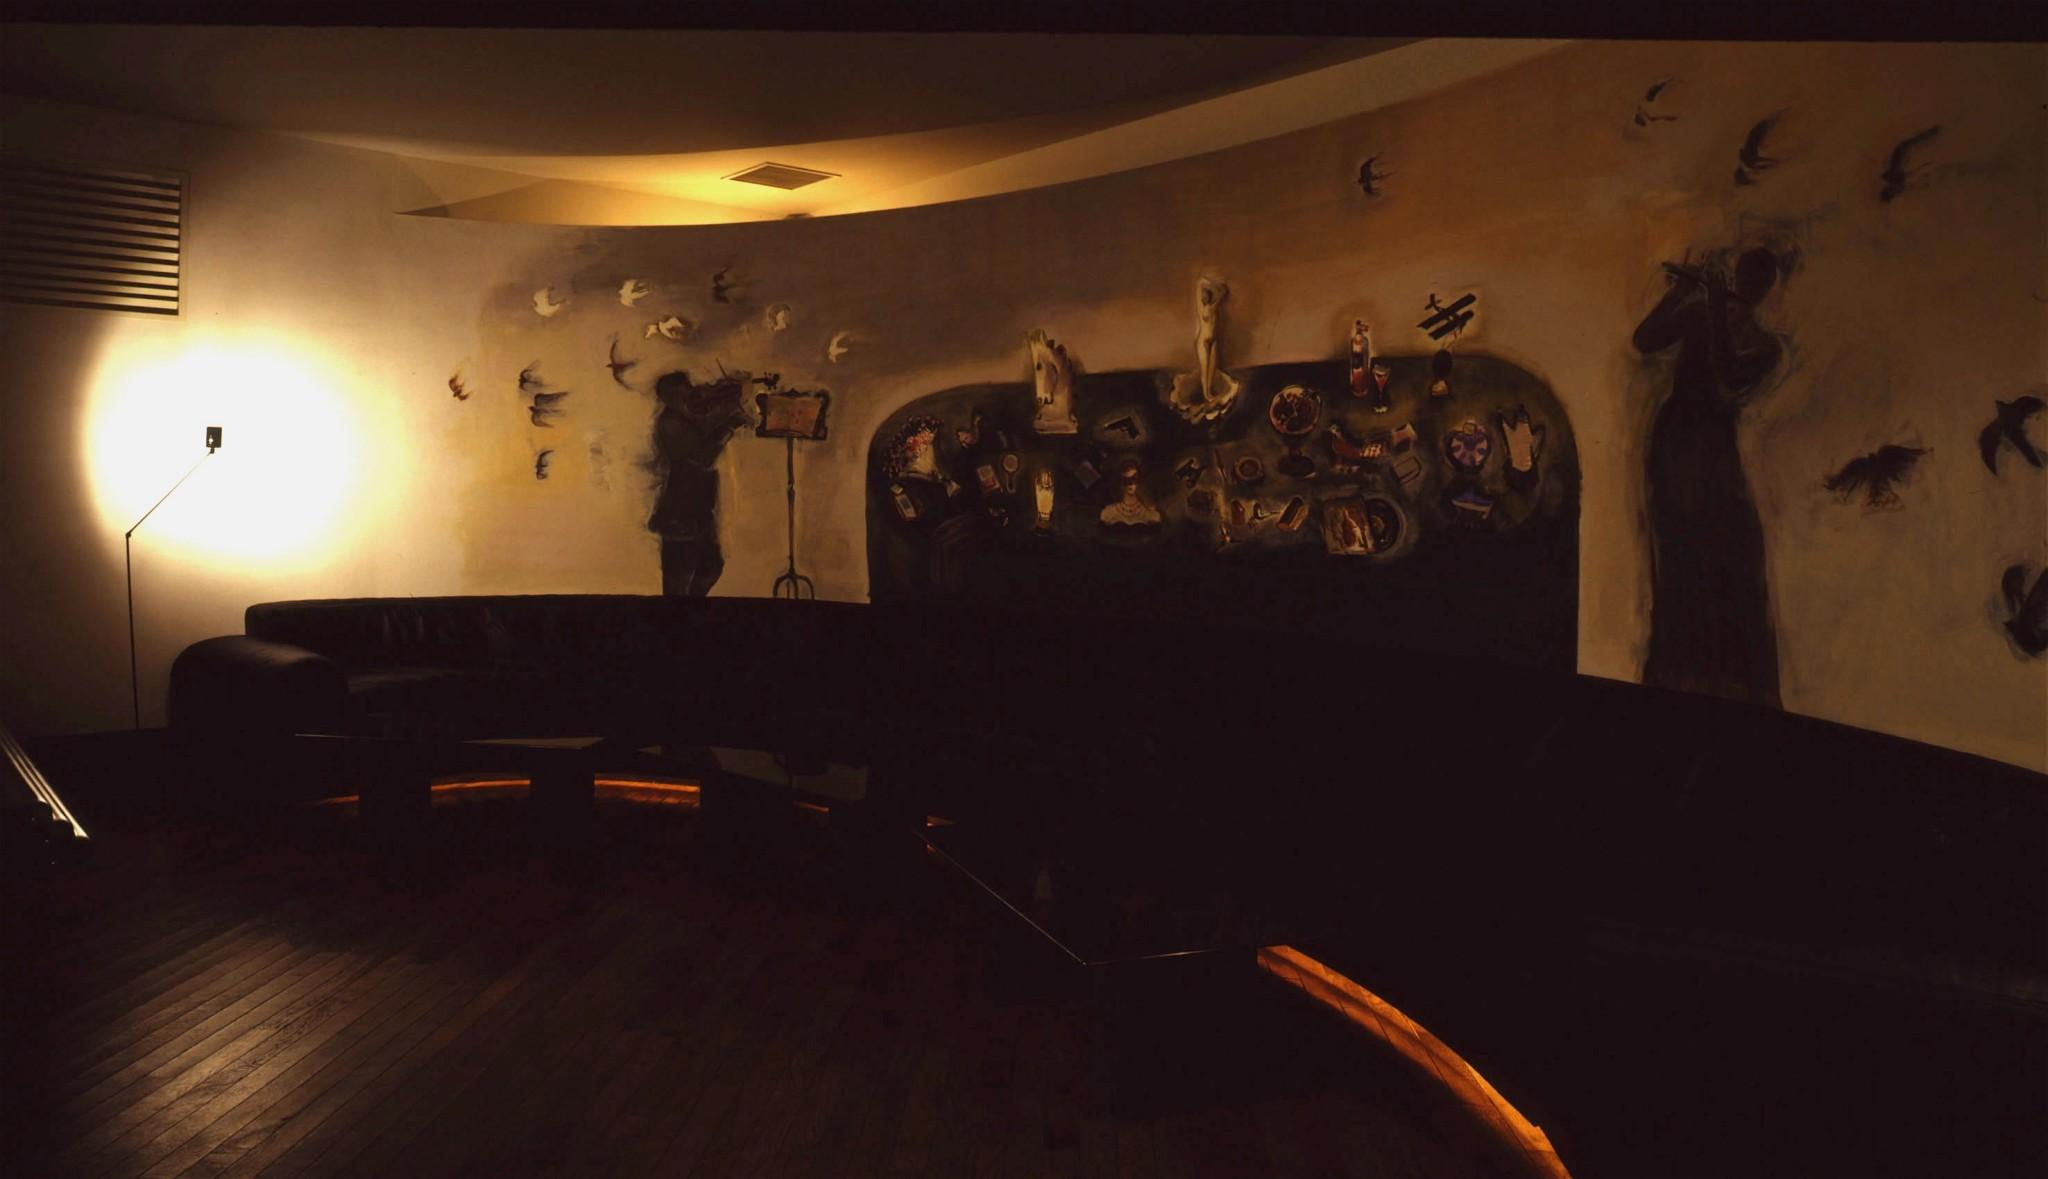 ブルーミンバー壁画